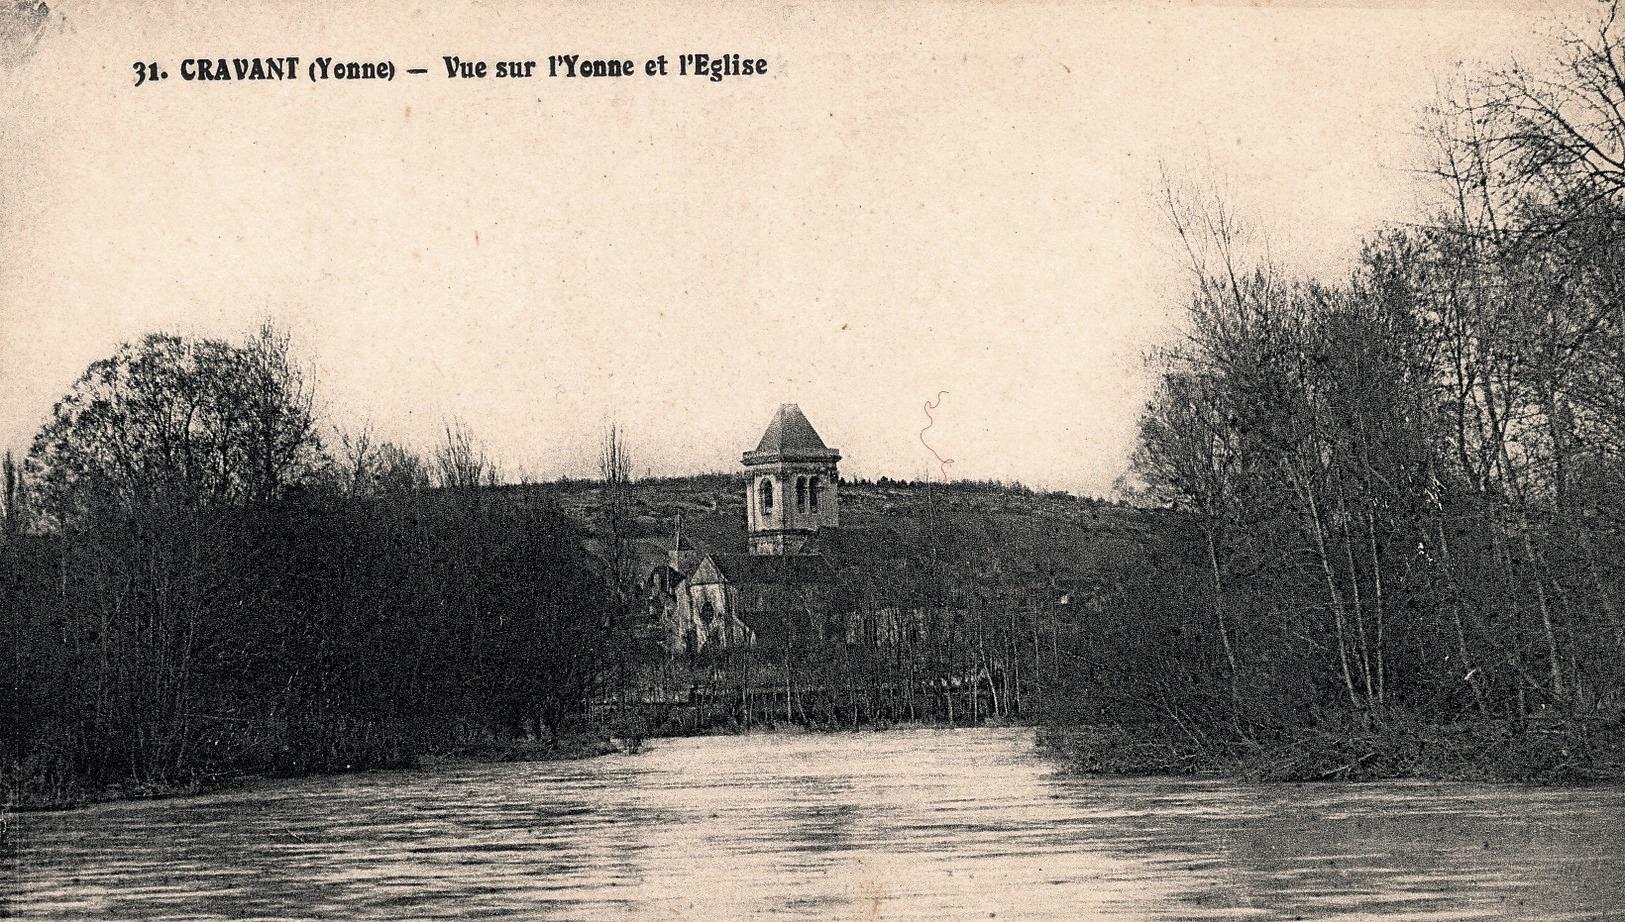 Cravant (89) L'église et l'Yonne CPA